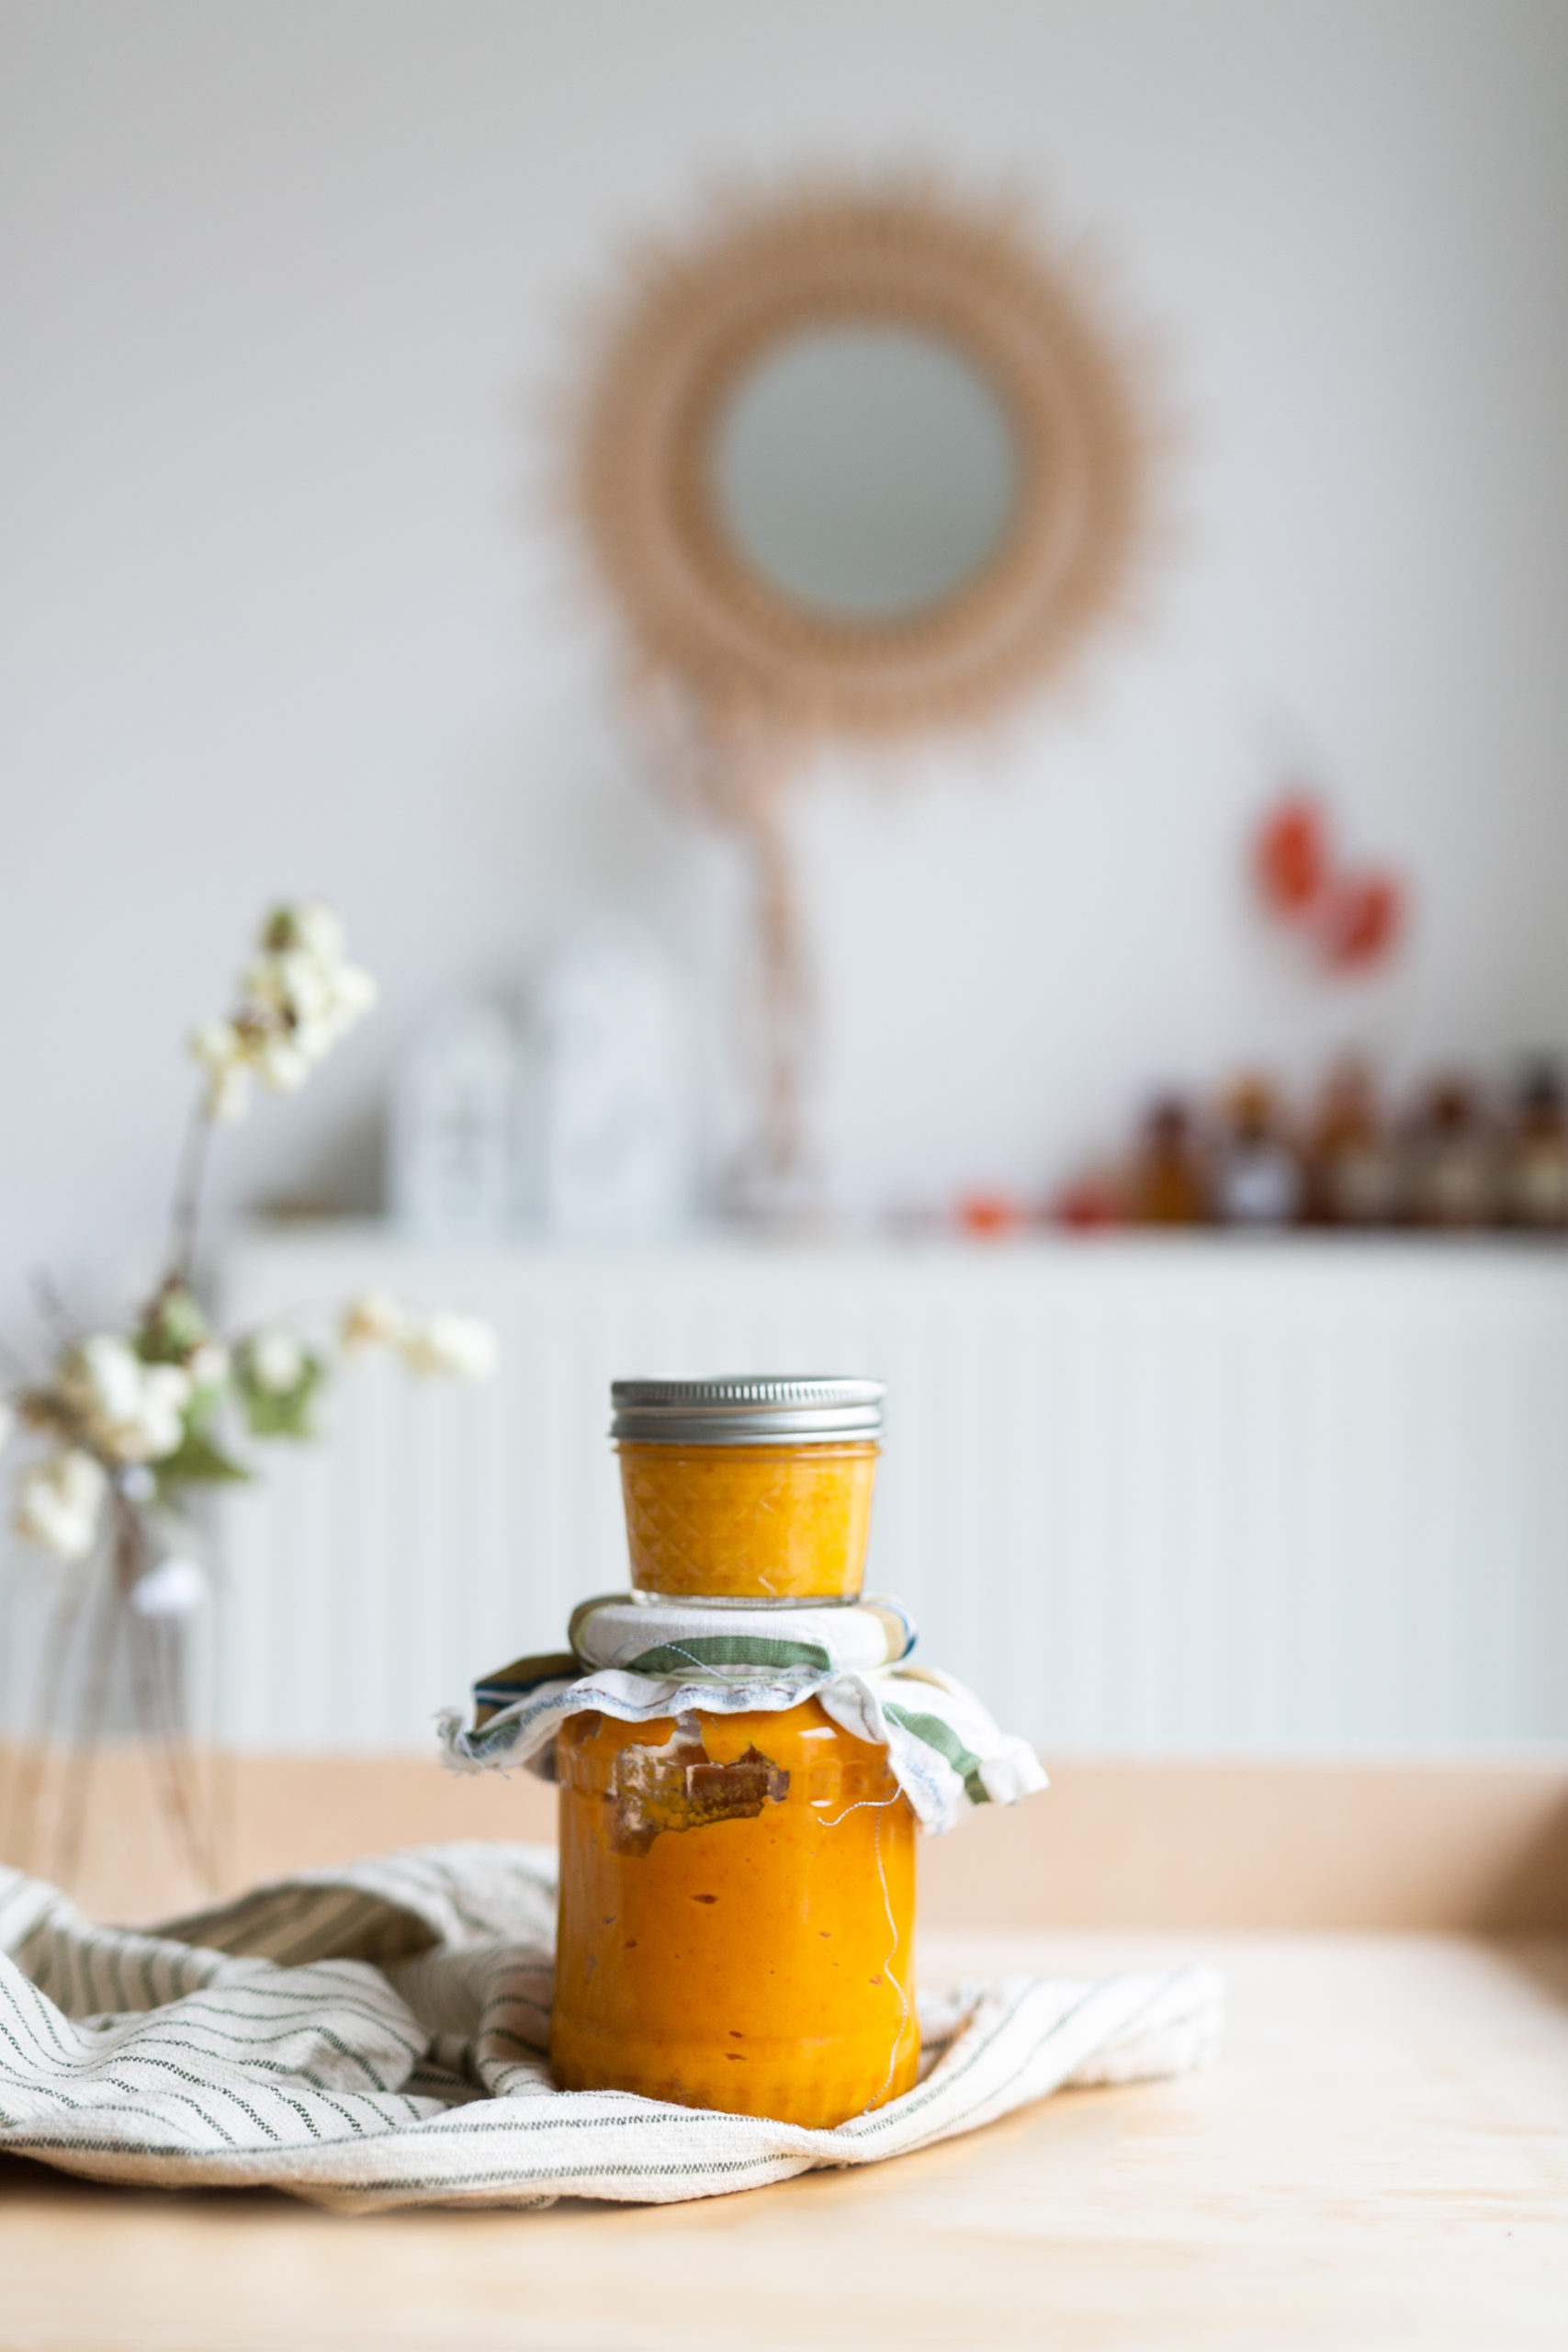 Cremige Kürbissoße mit fermentierten Zitronen | Gesunde vegane Rezepte, Fermentation, Nachhaltigkeit - Syl Gervais